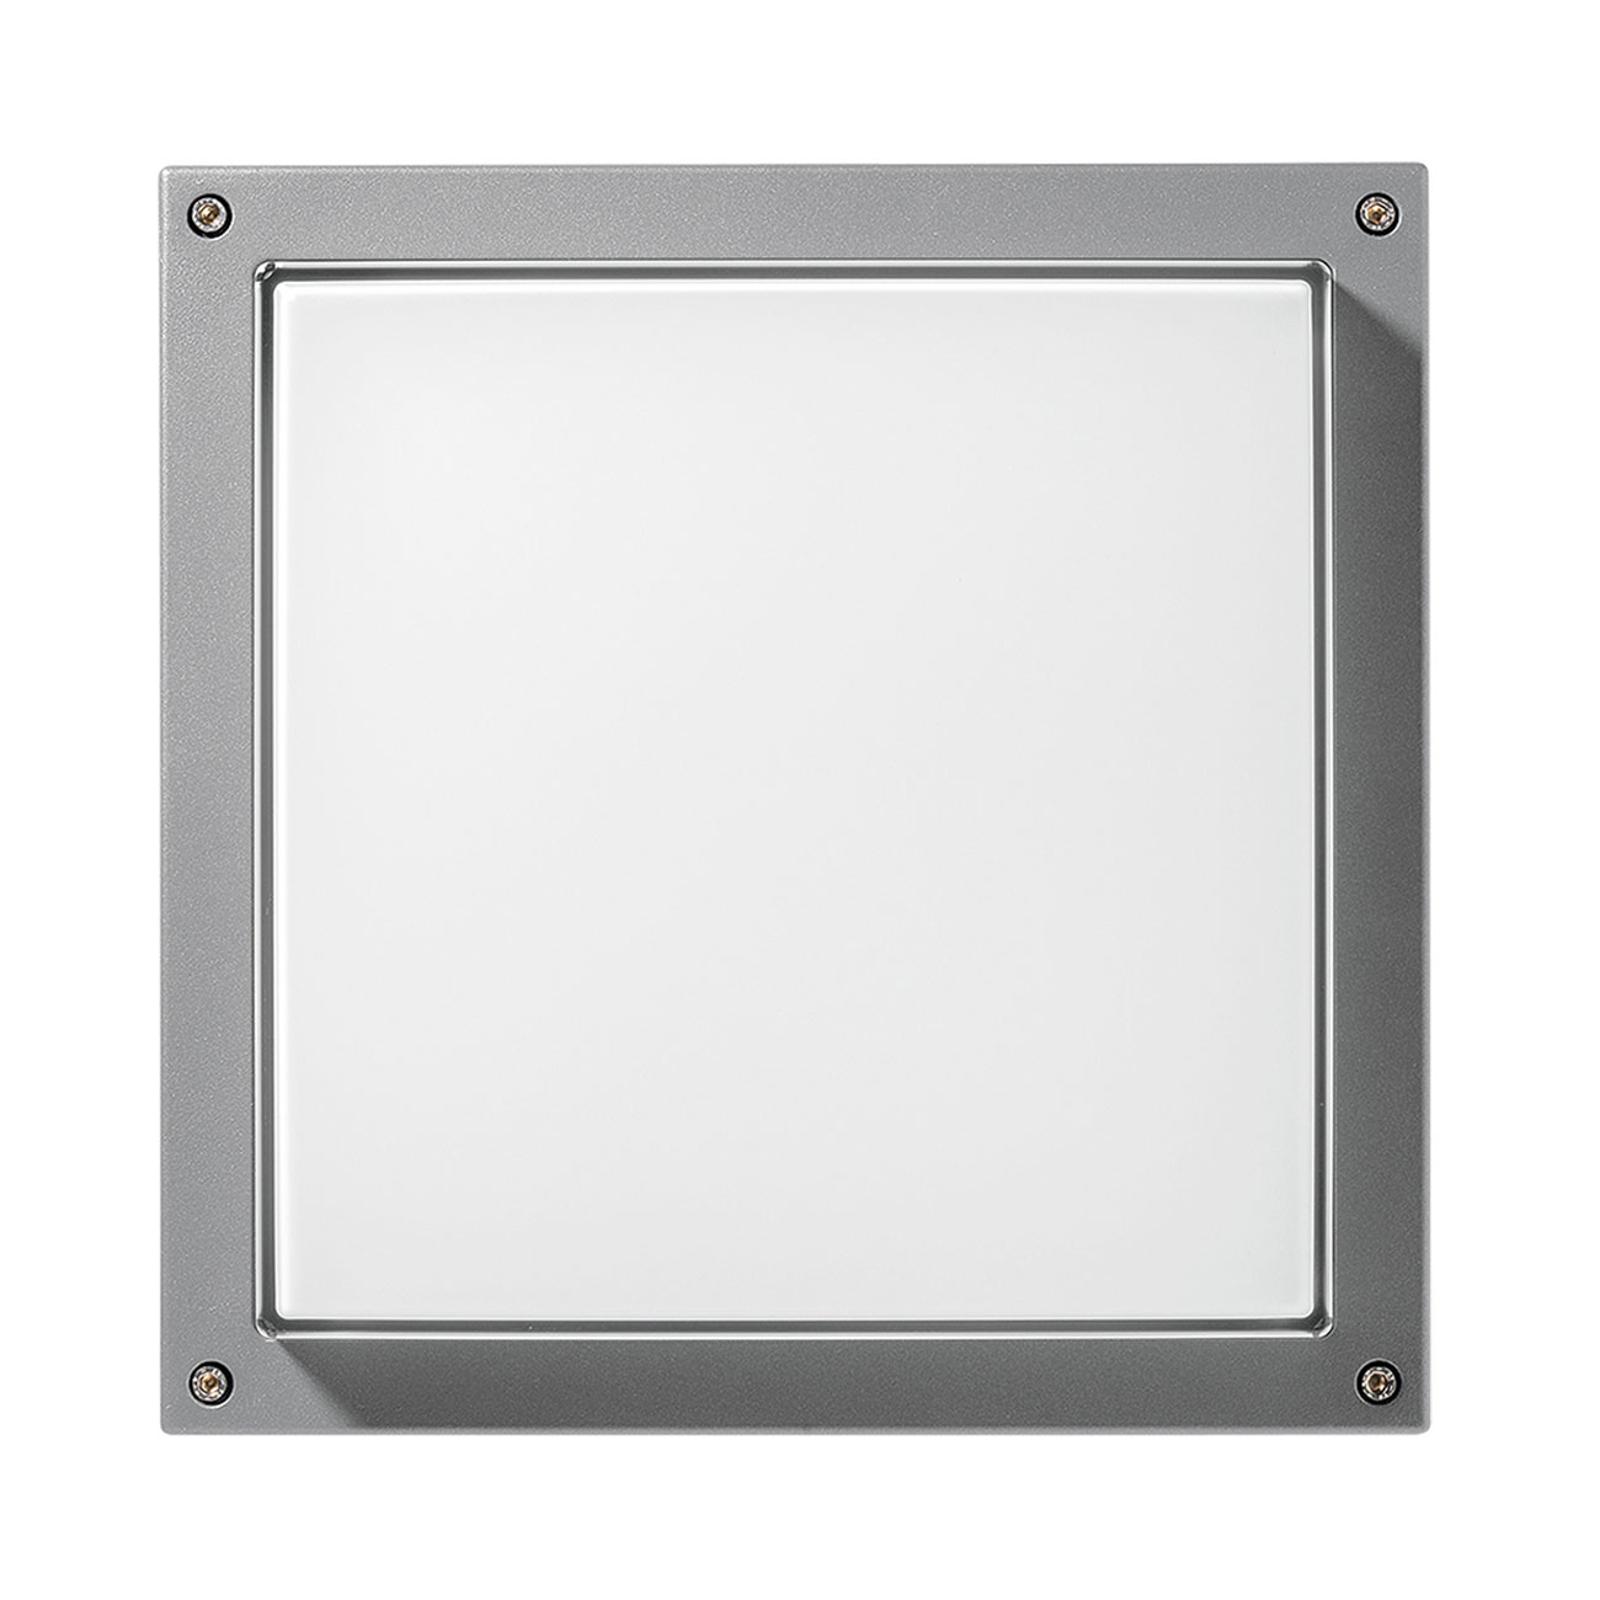 Applique Bliz Square 40, 3000K grise dimmable